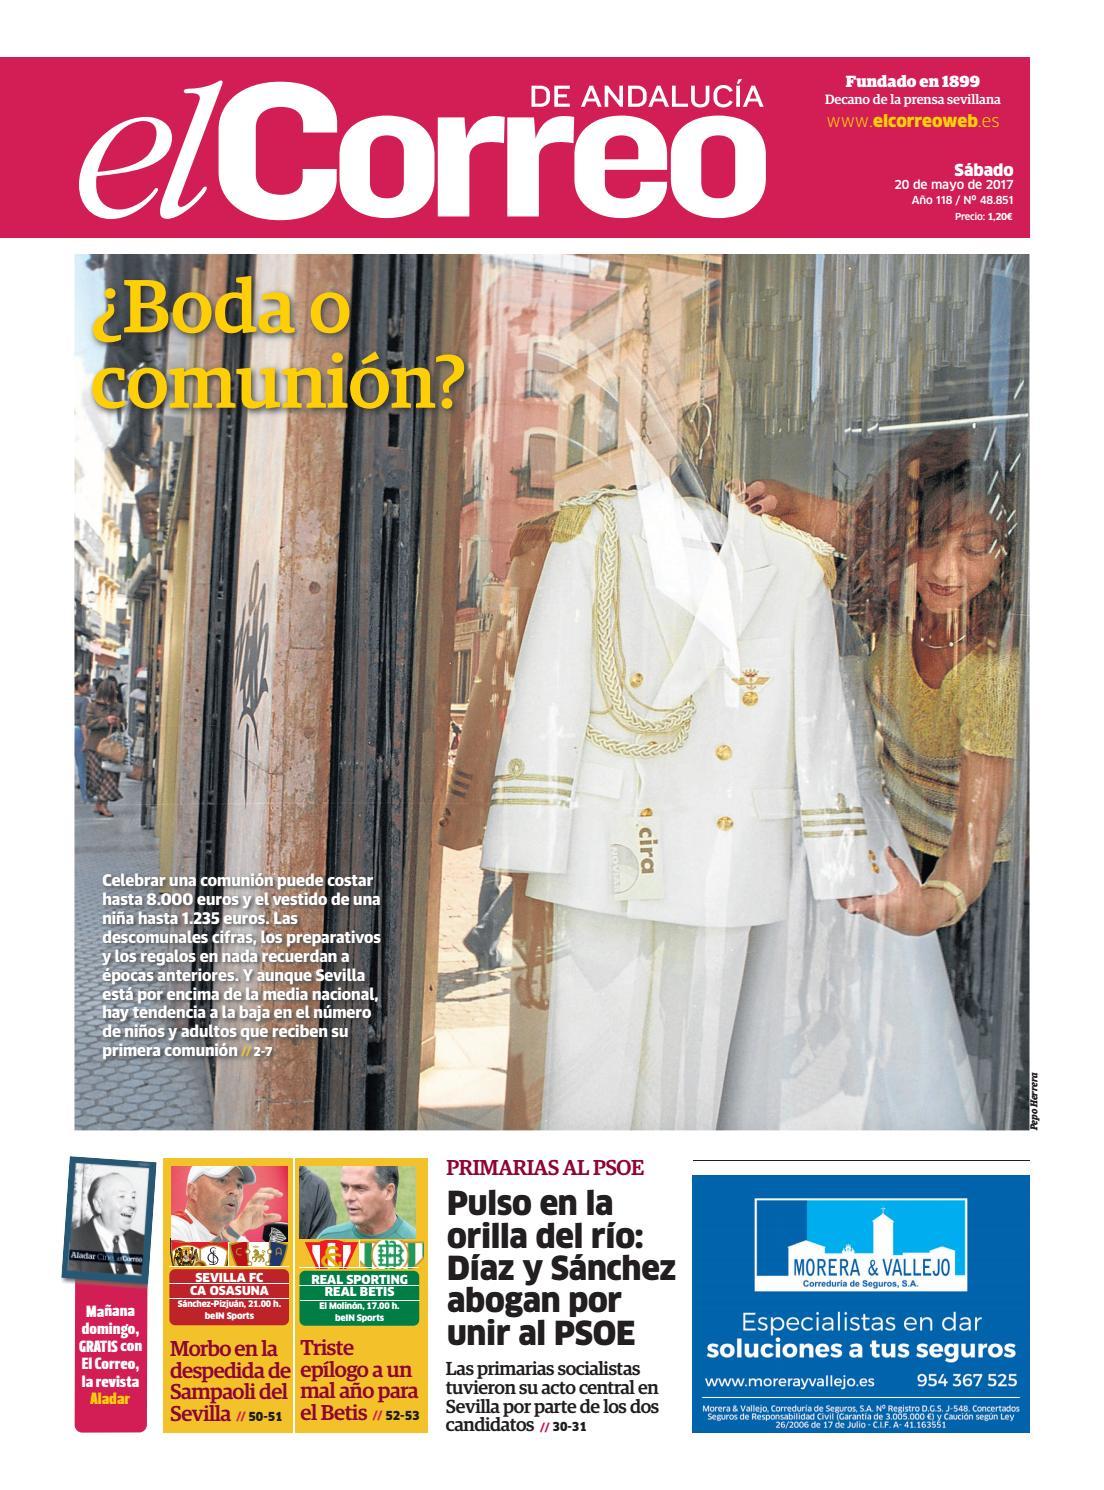 20 05 2017 El Correo de Andalucía by EL CORREO DE ANDALUCÍA S.L. - issuu 985a28cf324